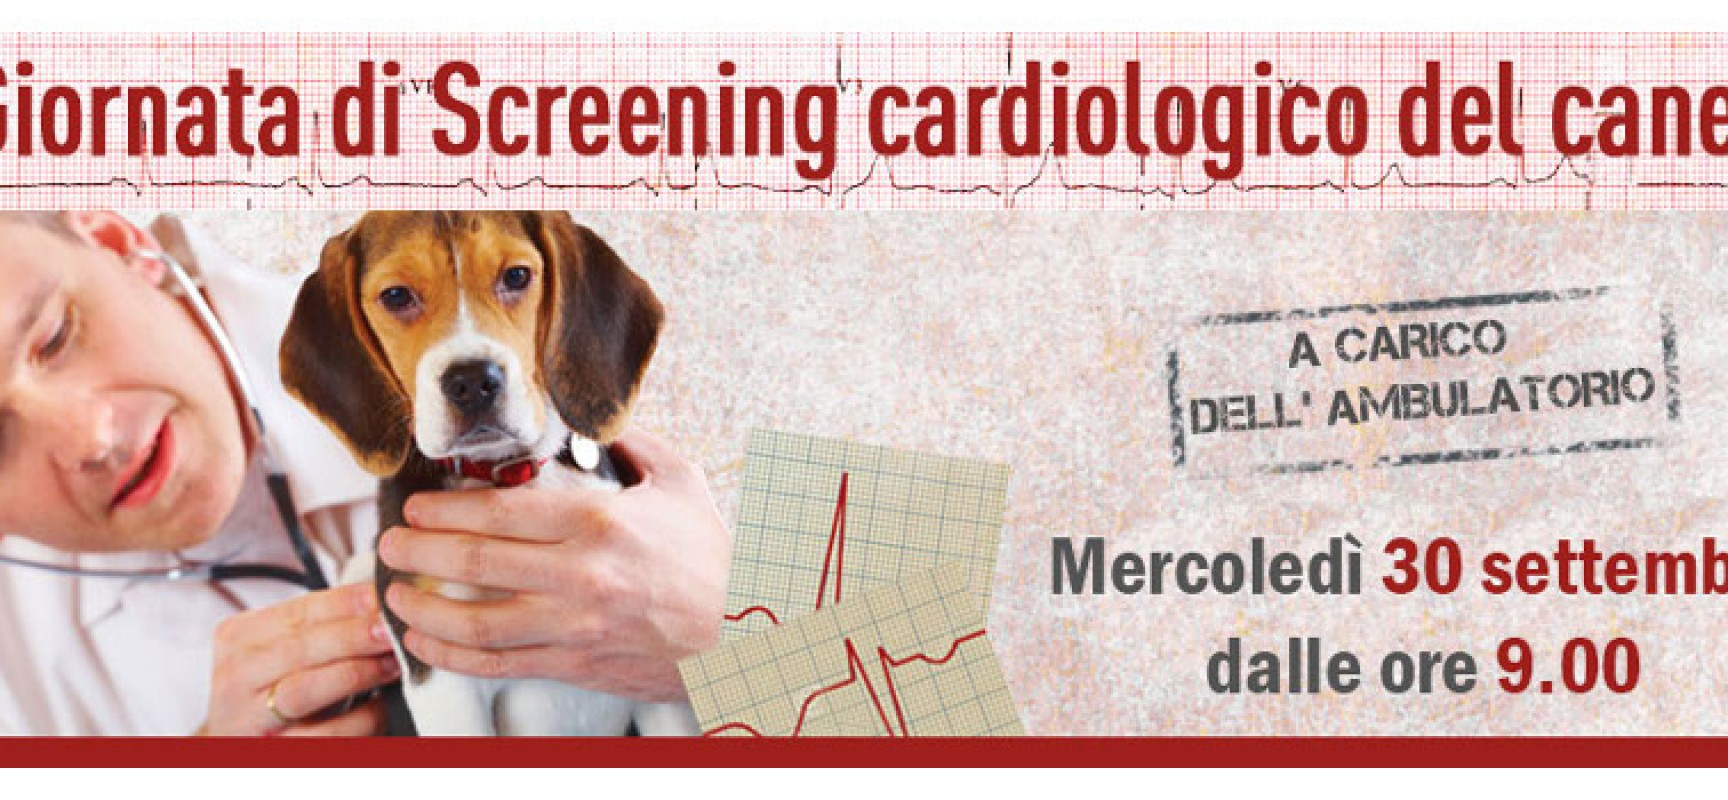 L'ambulatorio Papagni promuove a sue spese la giornata dello screening cardiologico del cane